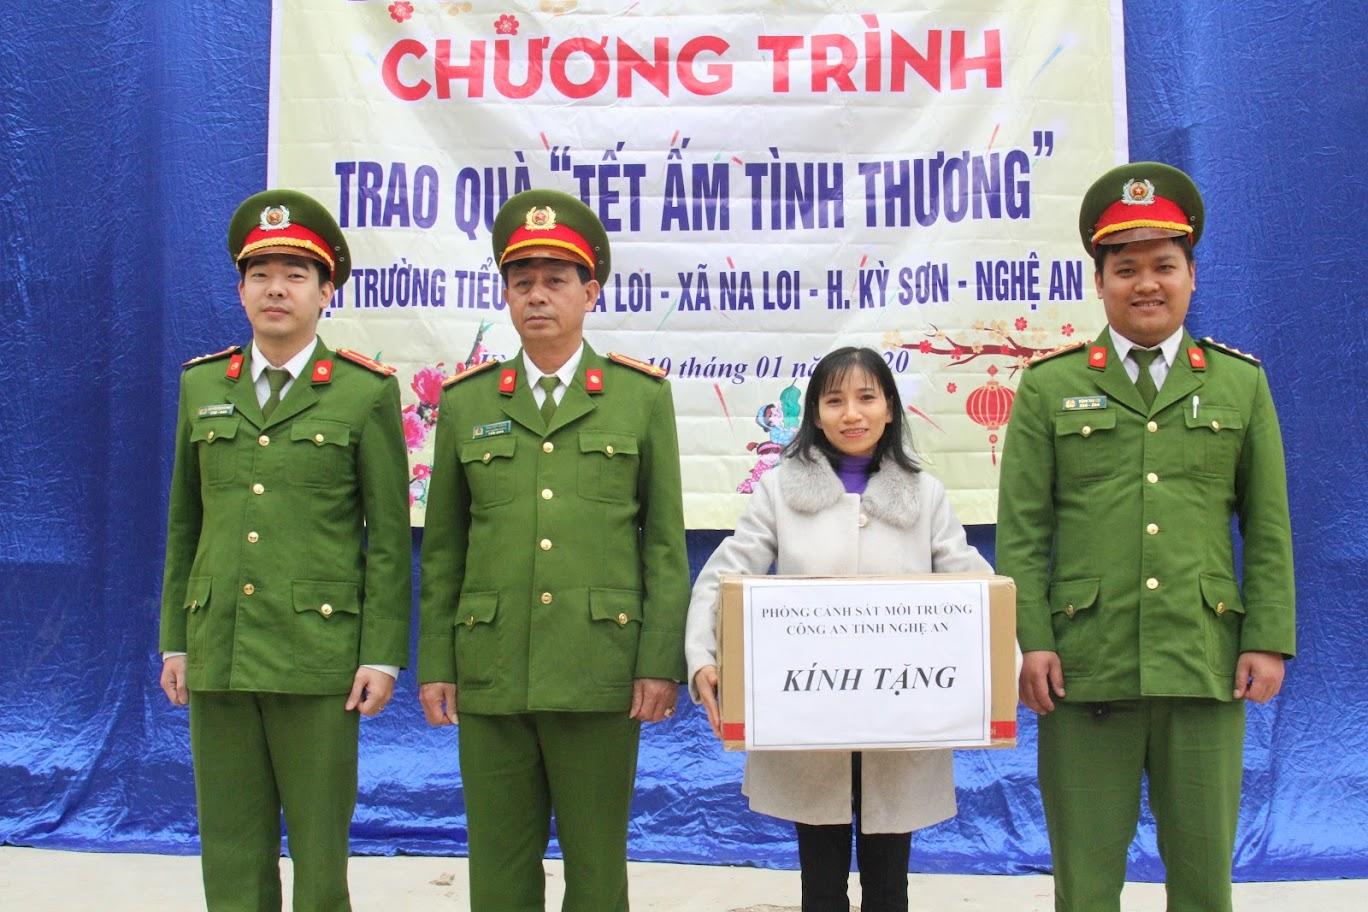 Phòng CSMT tặng quà cho đại diện Trường Tiểu học Na Loi